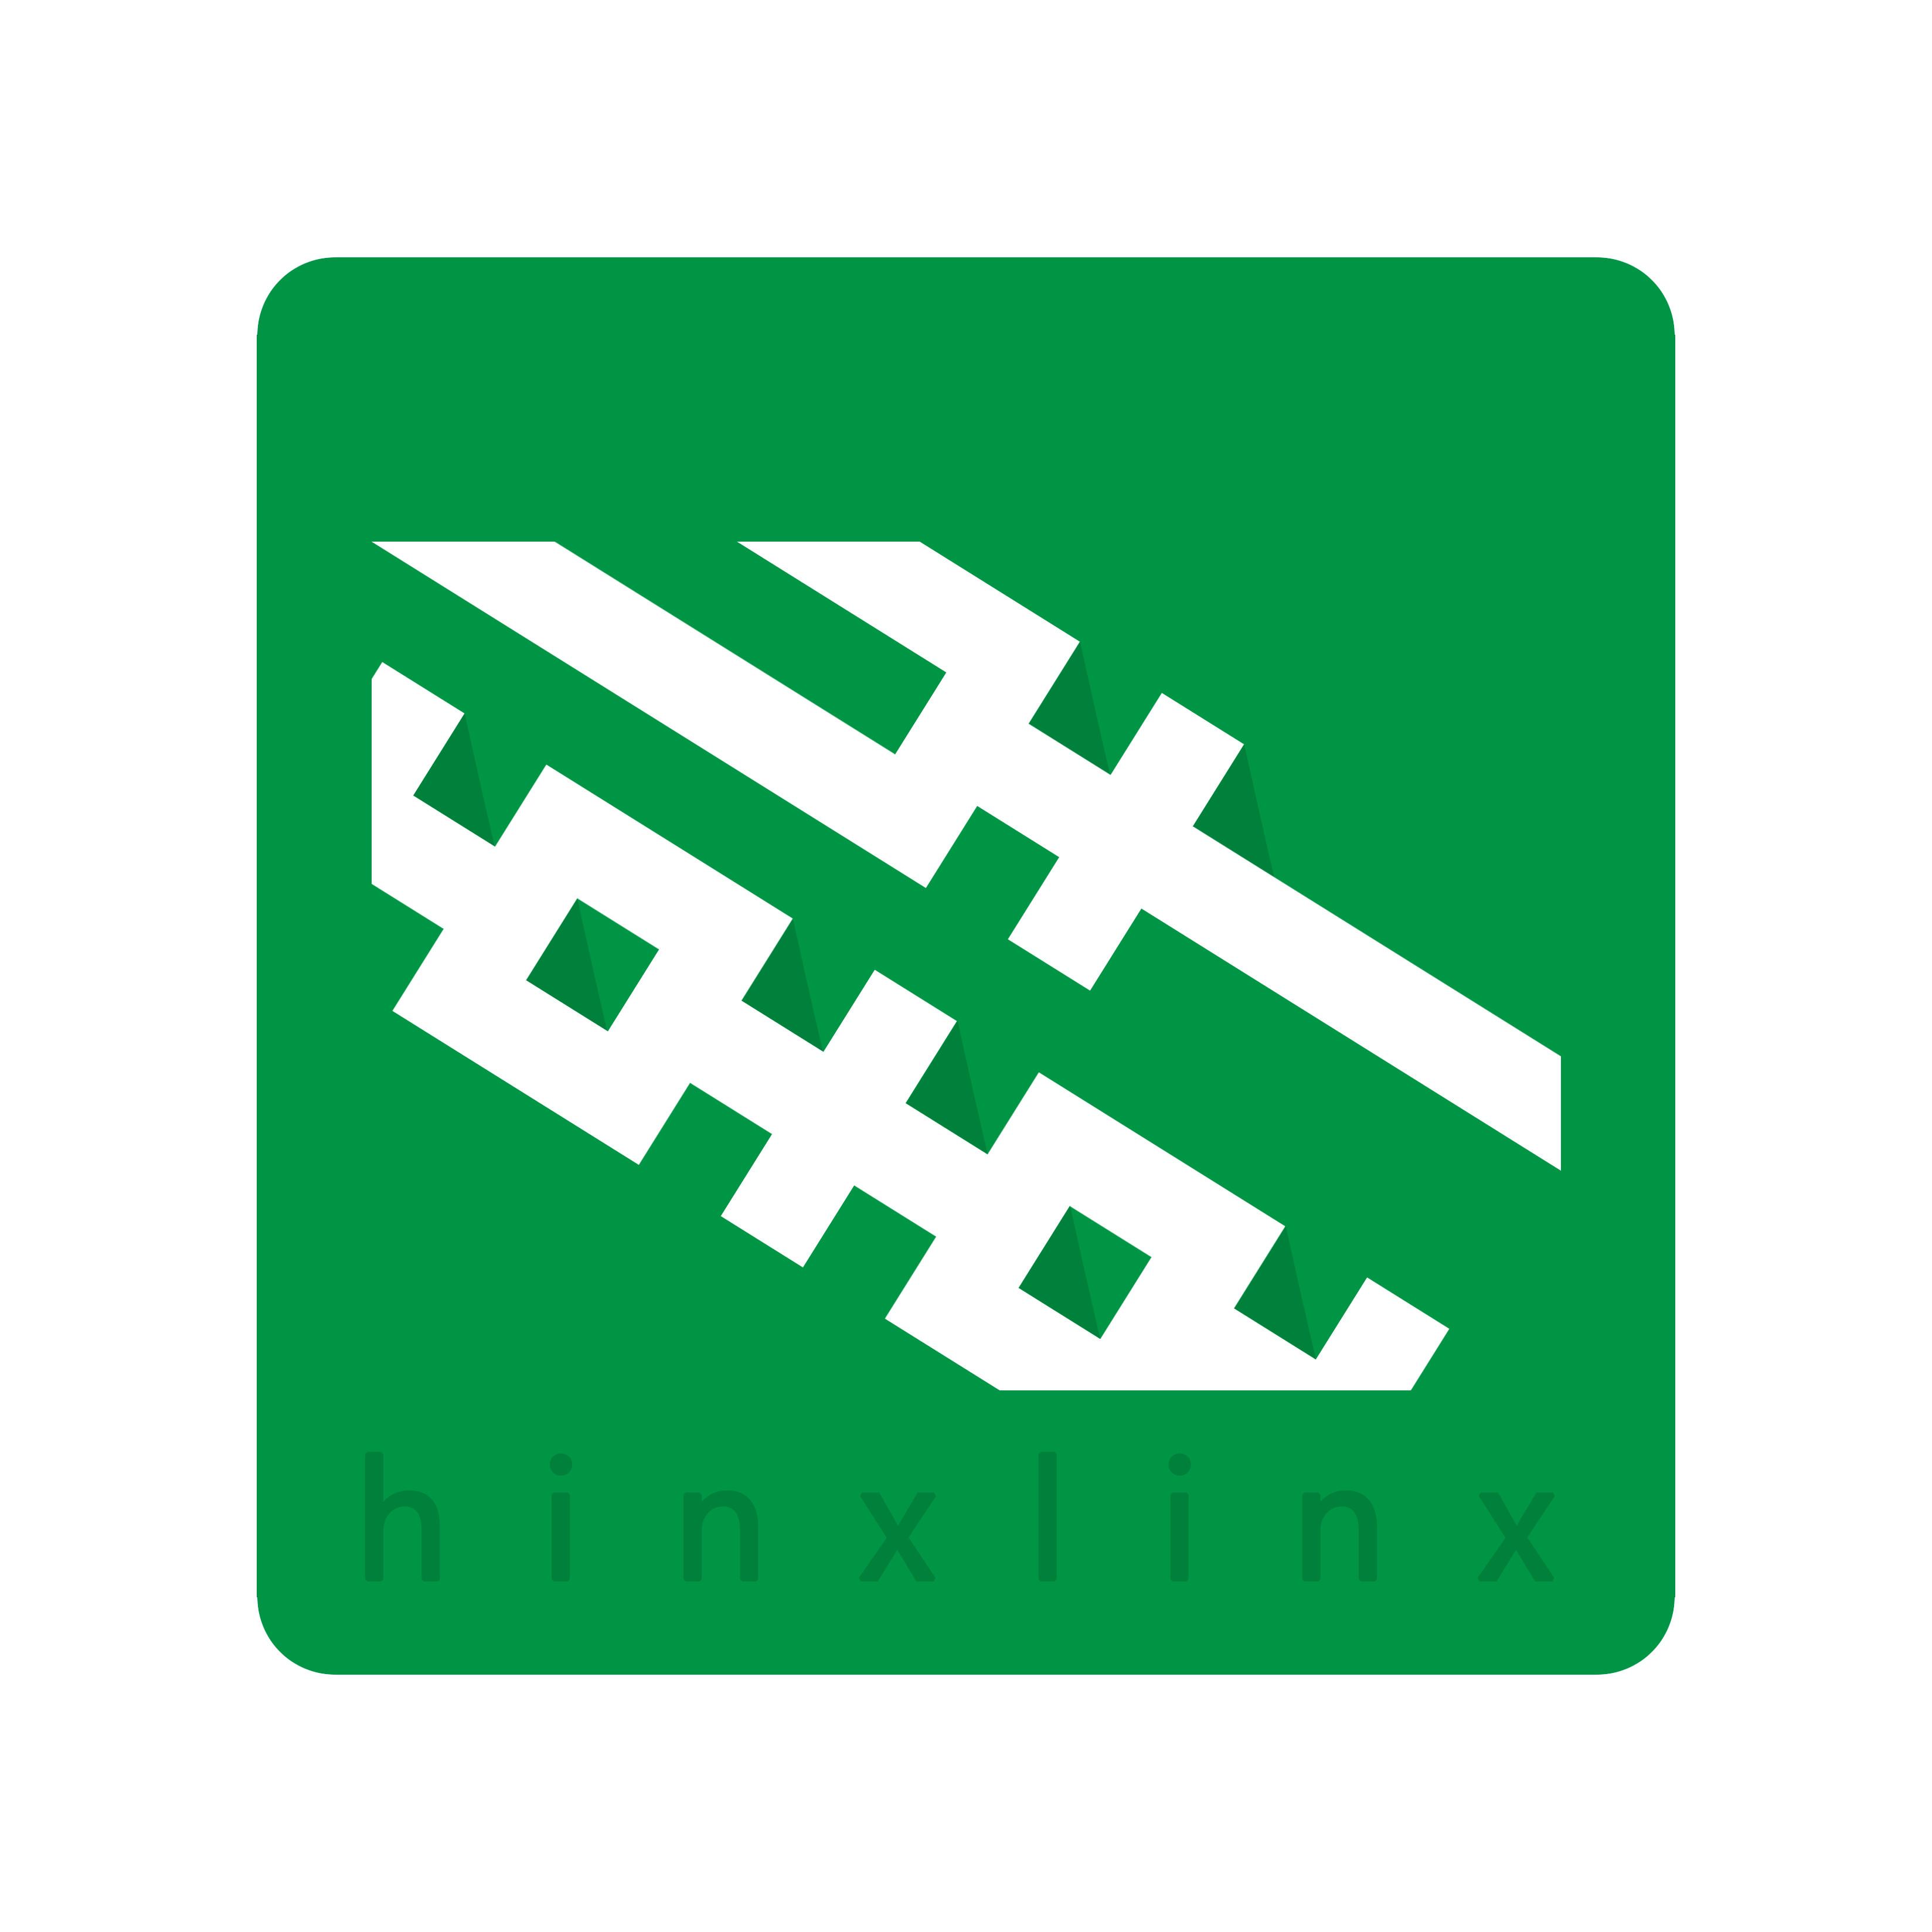 hinxlinx DeviantArt Avatar 2019 I